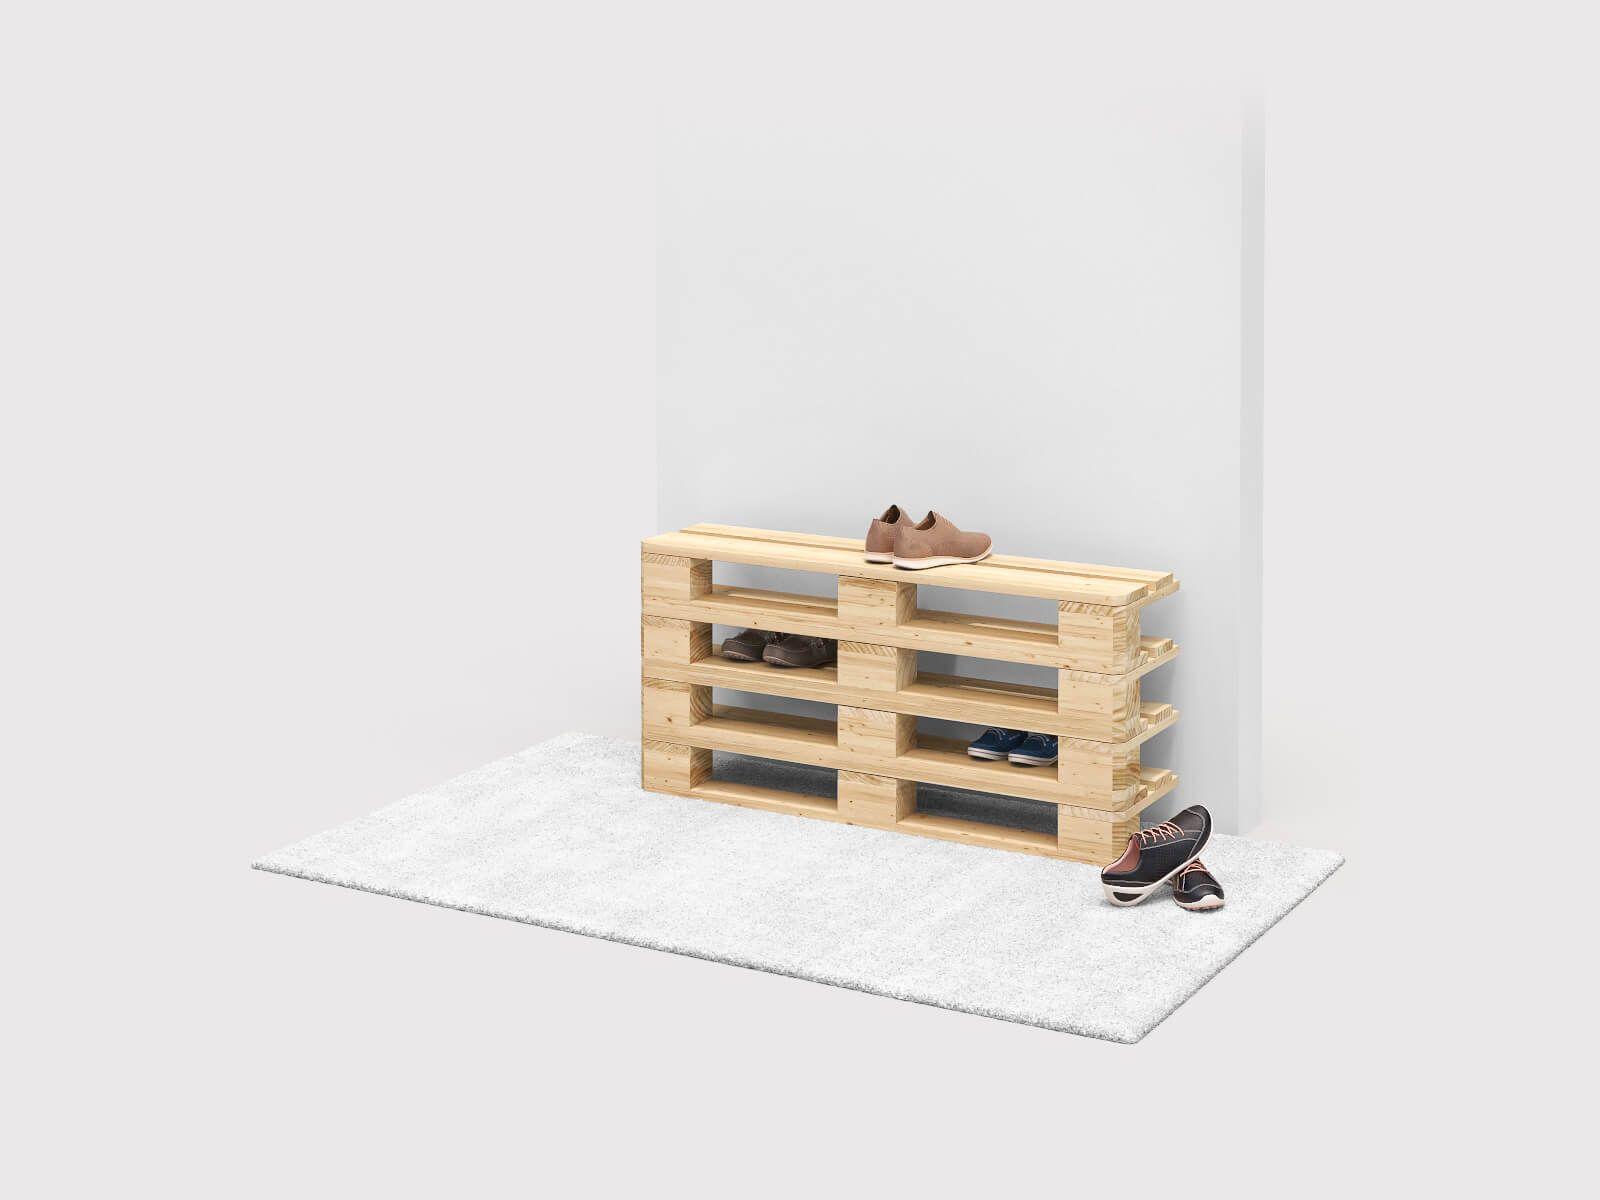 Full Size of Schuhregal Fachlich Selber Bauen Alle Mbel Cd Regal Buche Obi Fenster Weiße Regale Holz Glasböden Hamburg Aus Kisten Kinderzimmer Tisch Kombination Industrie Wohnzimmer Obi Regal